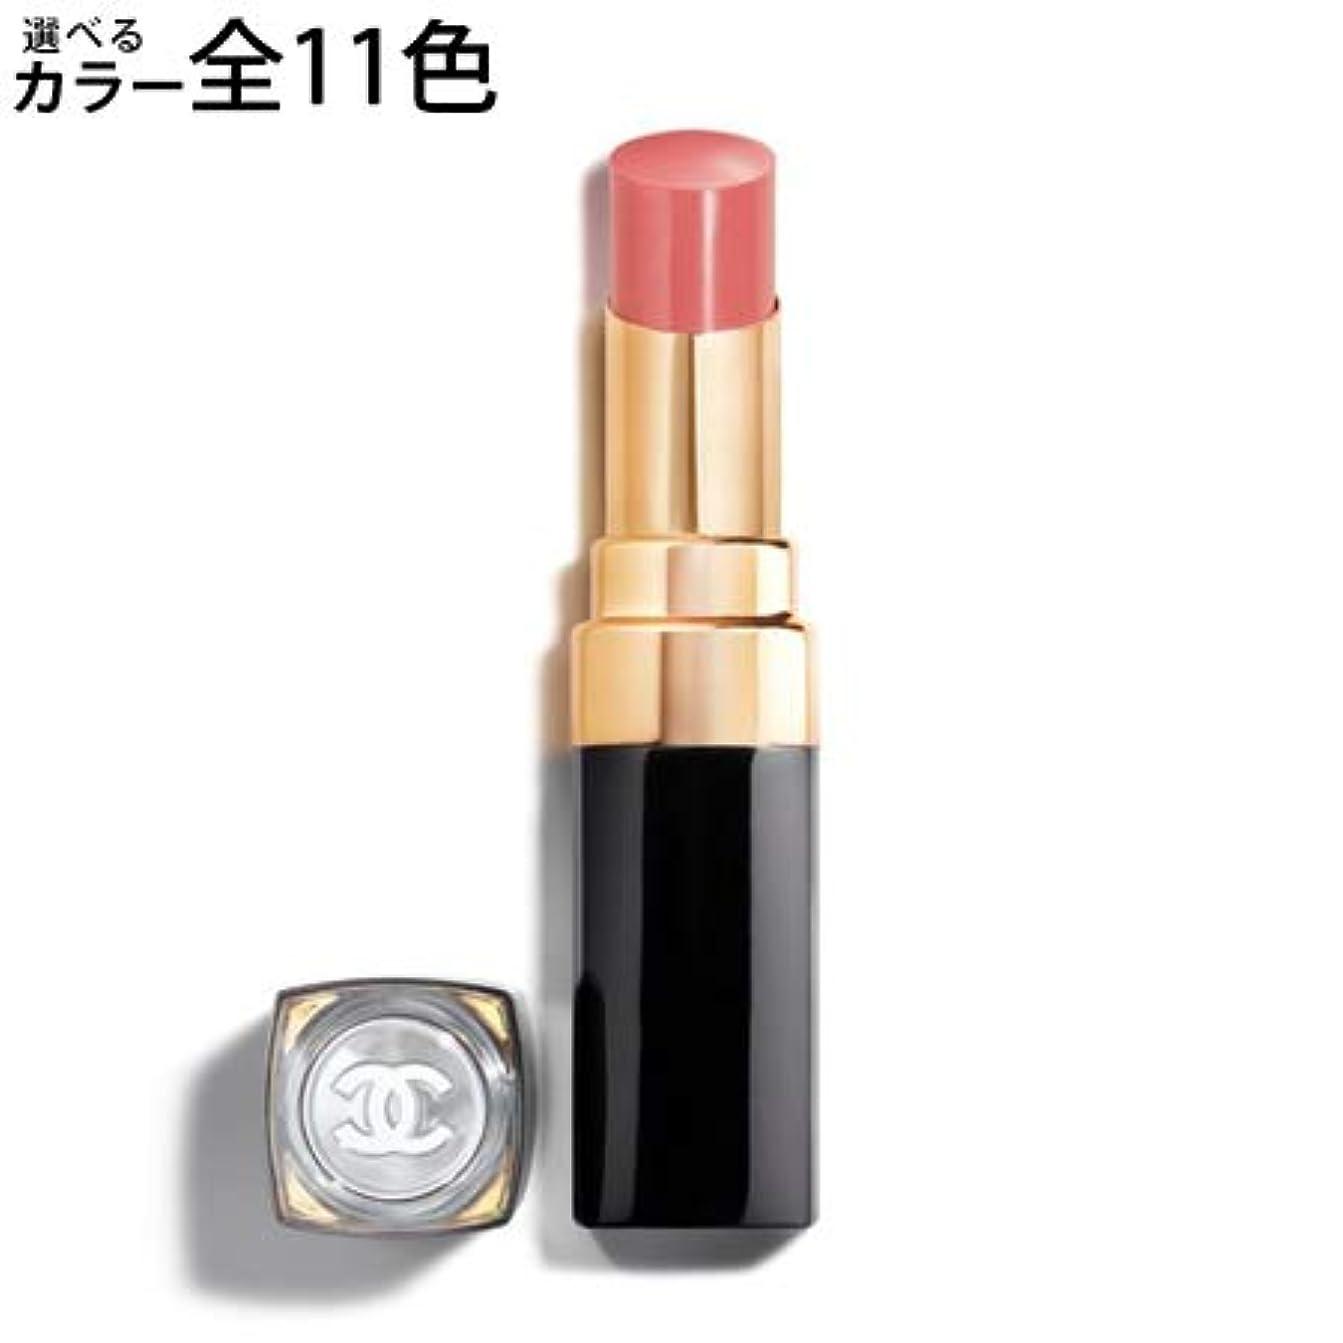 ユーザーボウリングフィドルシャネル ルージュ ココ フラッシュ 選べる11色 -CHANEL- 90ジュール